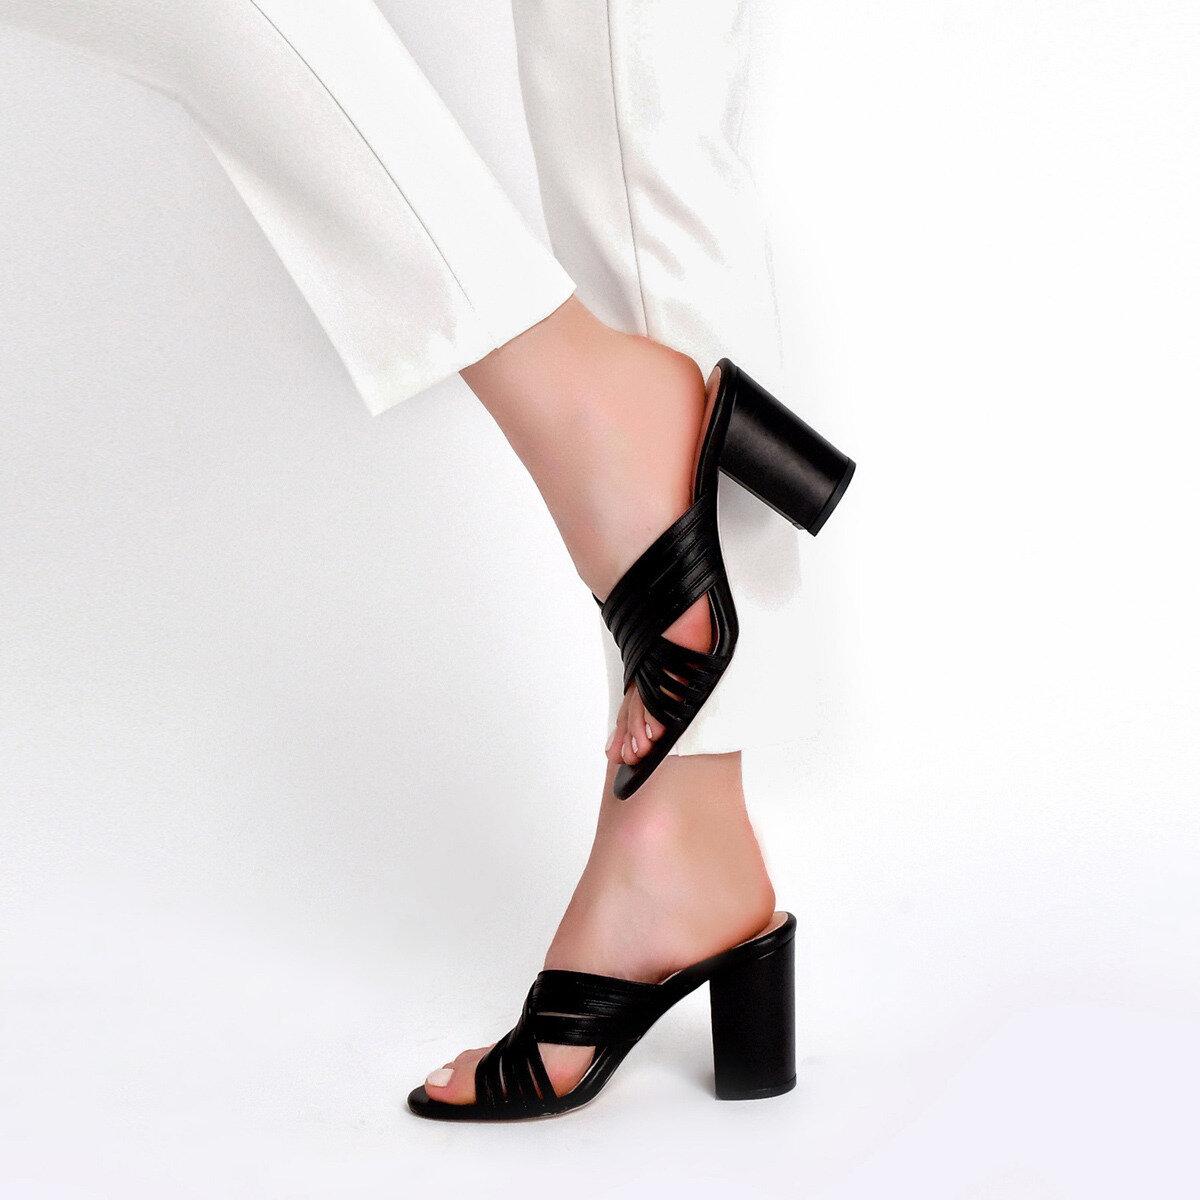 TRINP Siyah Kadın Topuklu Terlik